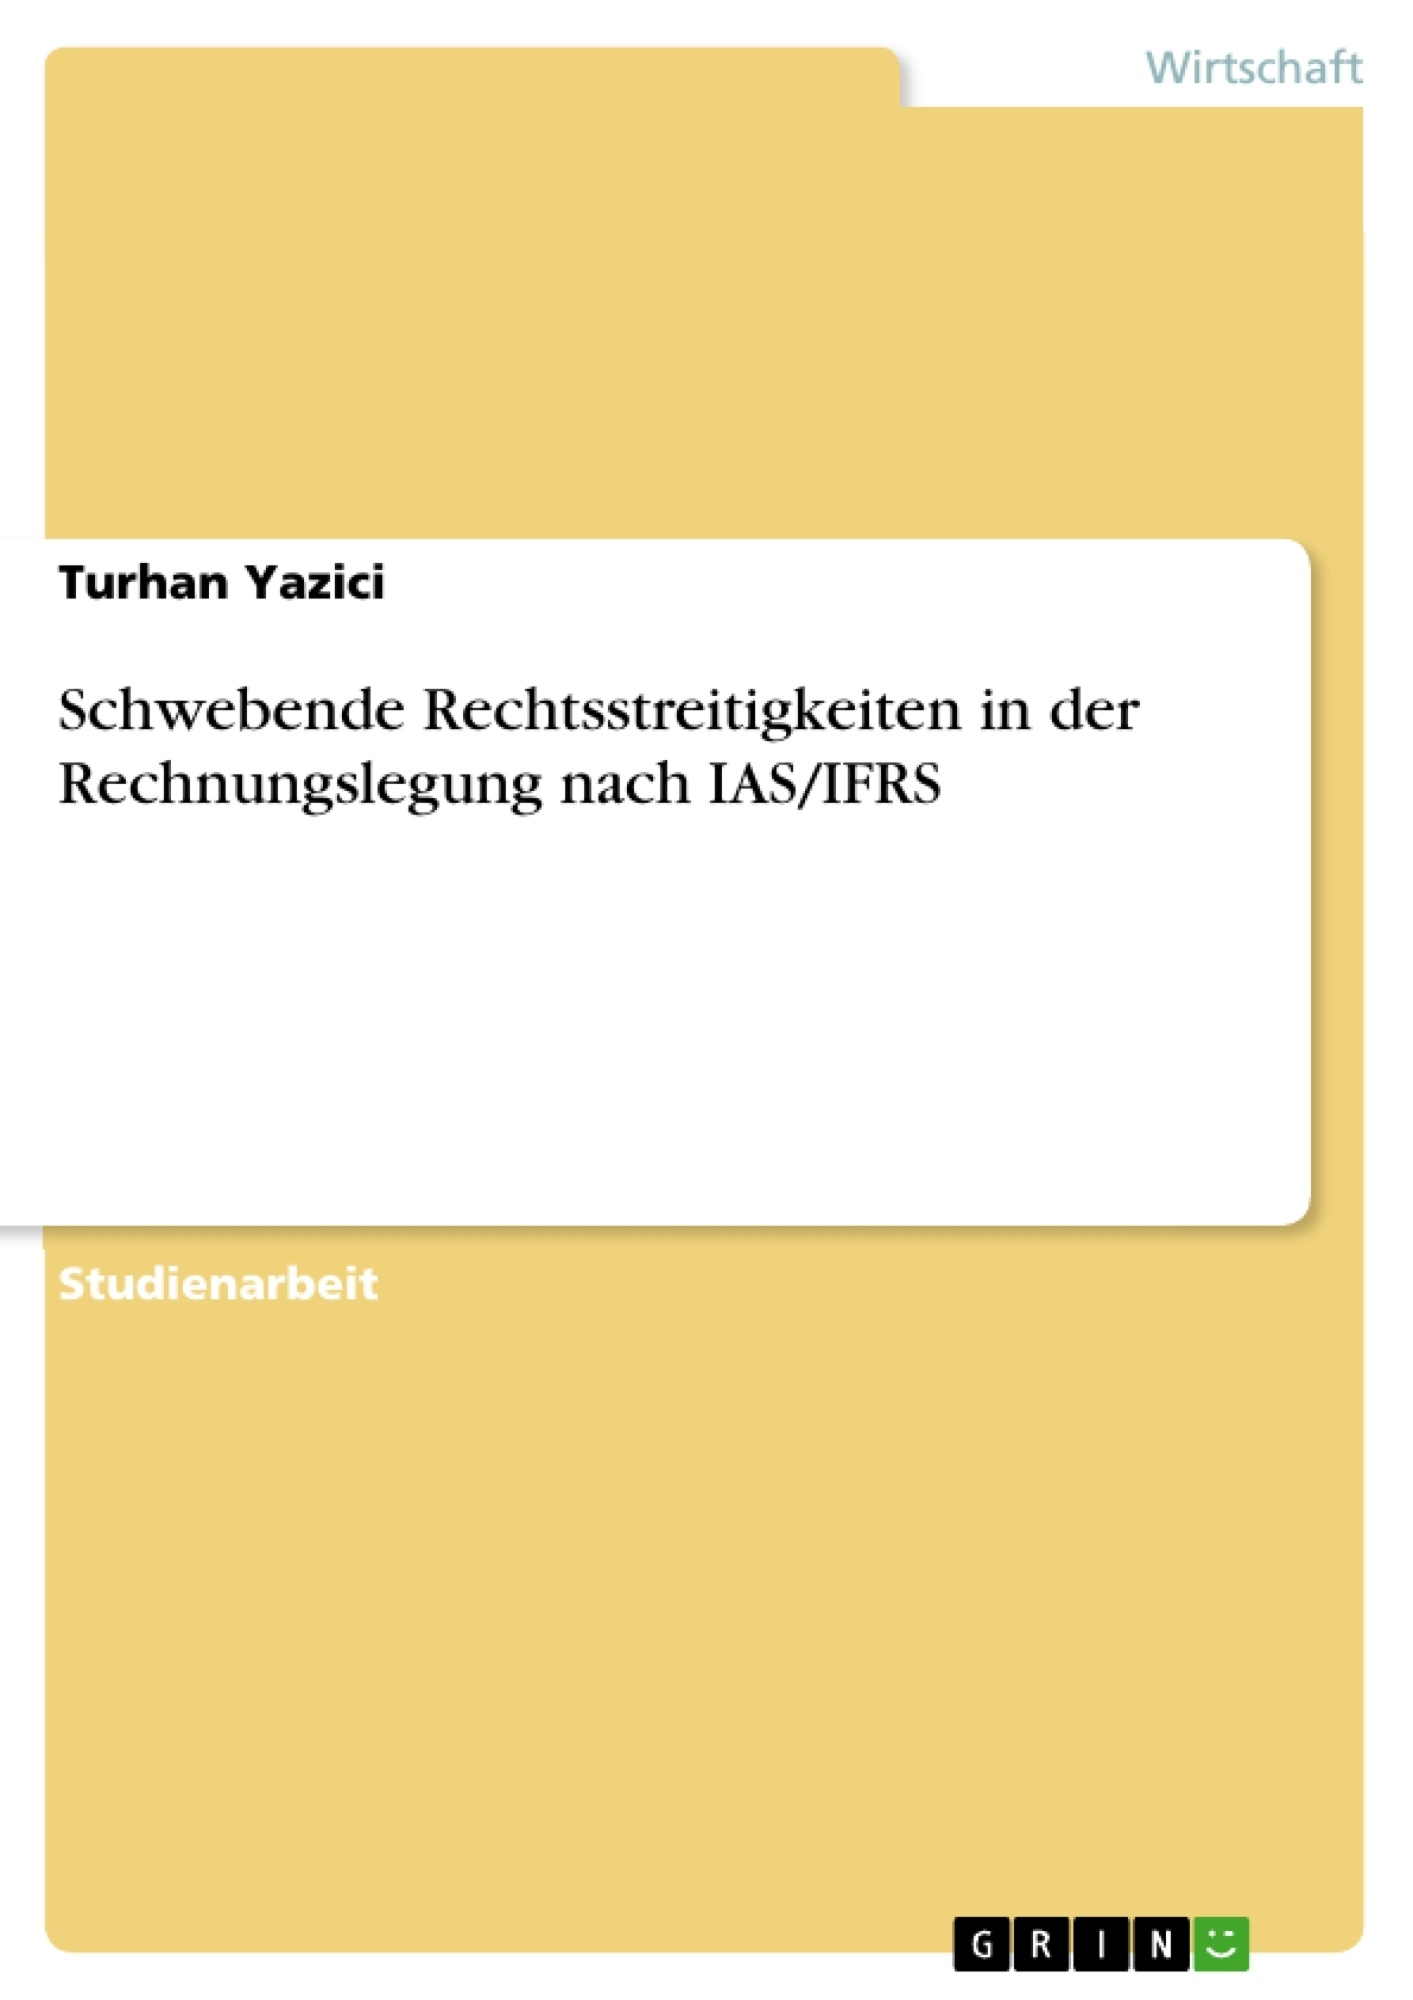 Titel: Schwebende Rechtsstreitigkeiten in der Rechnungslegung nach IAS/IFRS